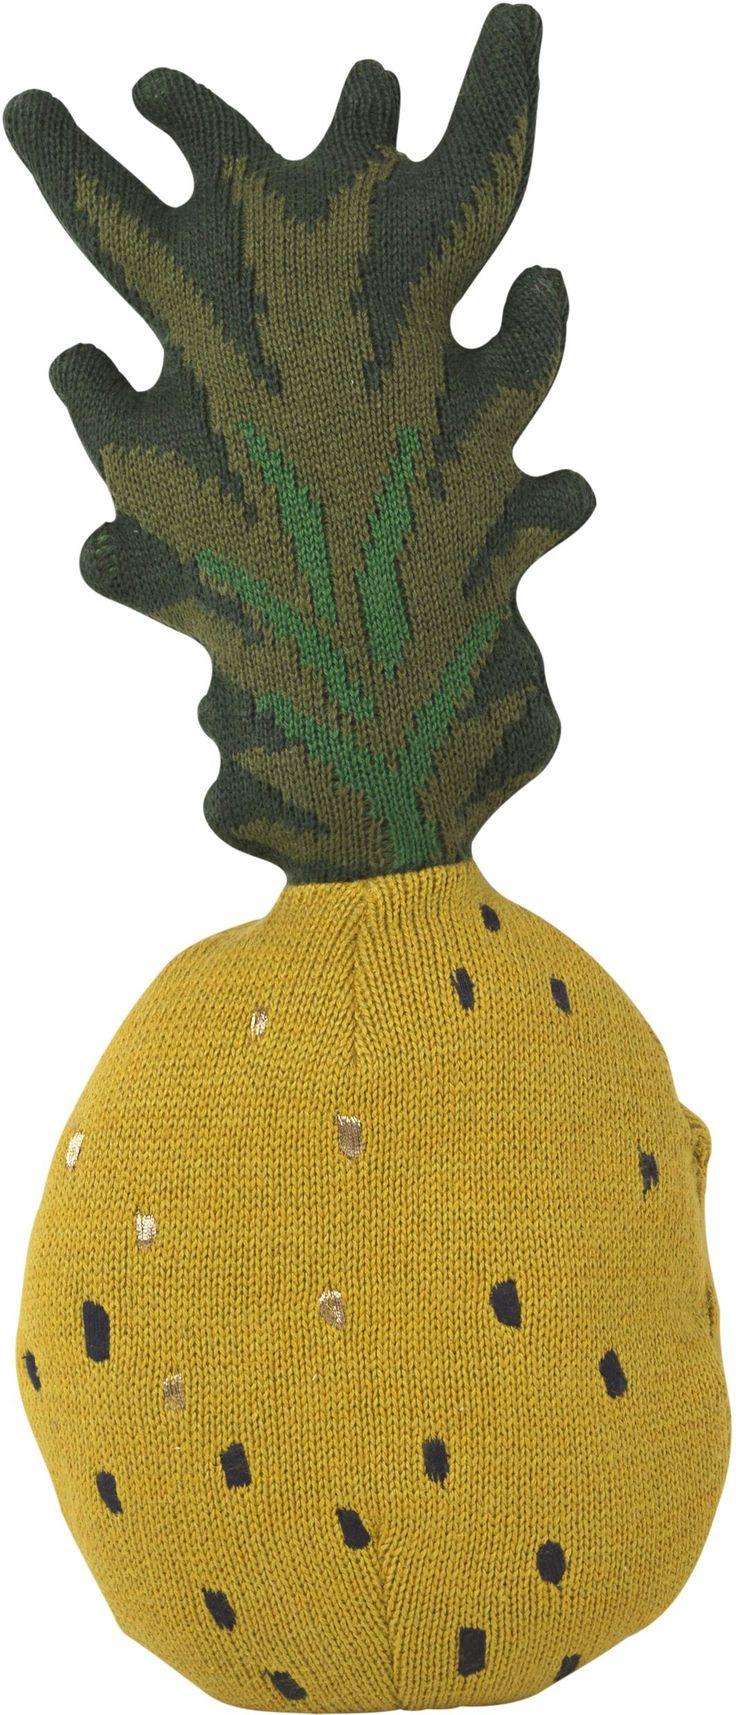 Mit dem Fruiticana Ananas-Kissen von Ferm Living ist fruchtiger Spielspaß garantiert. Das coole Kissen sorgt für einen tropischen Look im Kinderzimmer und eignet sich wunderbar zum Kuscheln, Dekorieren und Spielen. Mehr Infos findet Ihr unter www.kleinefabriek.com